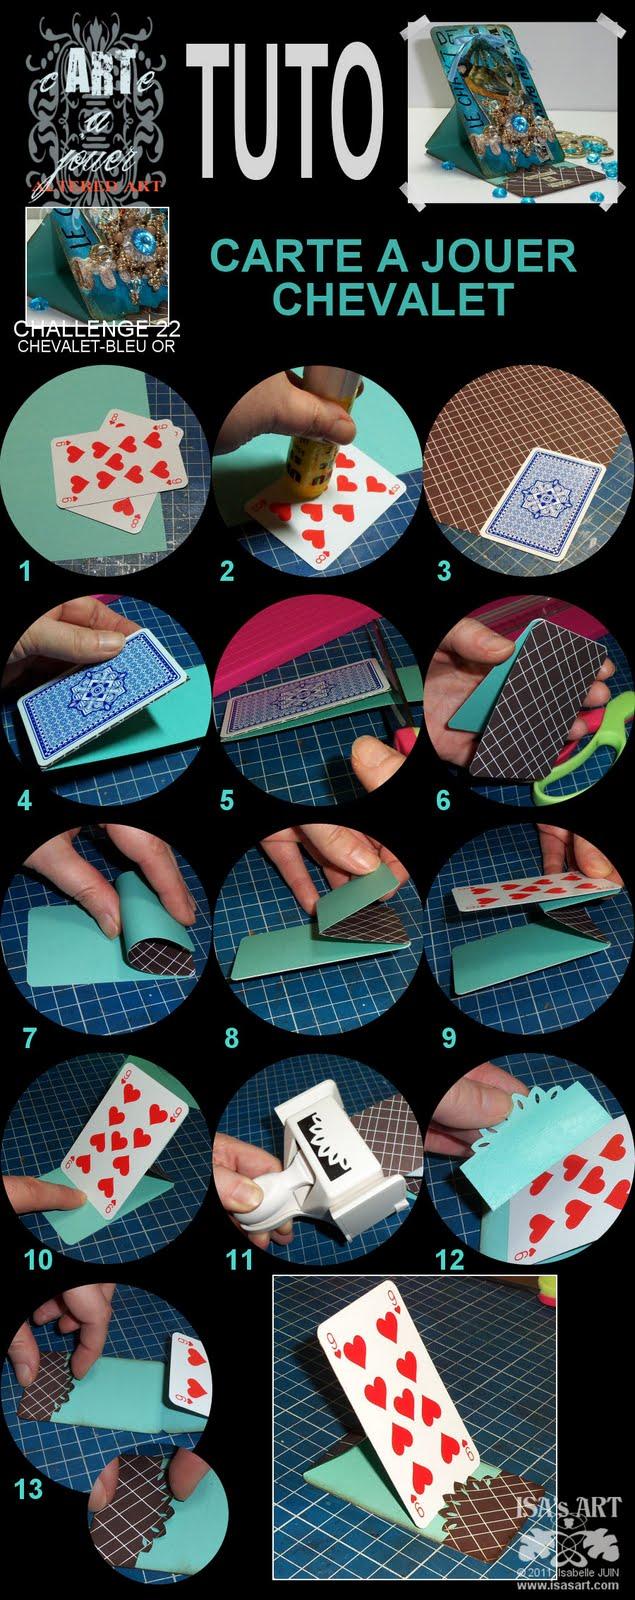 v u00e9rifiez aupr u00e8s de votre fournisseur de cartes pour plus